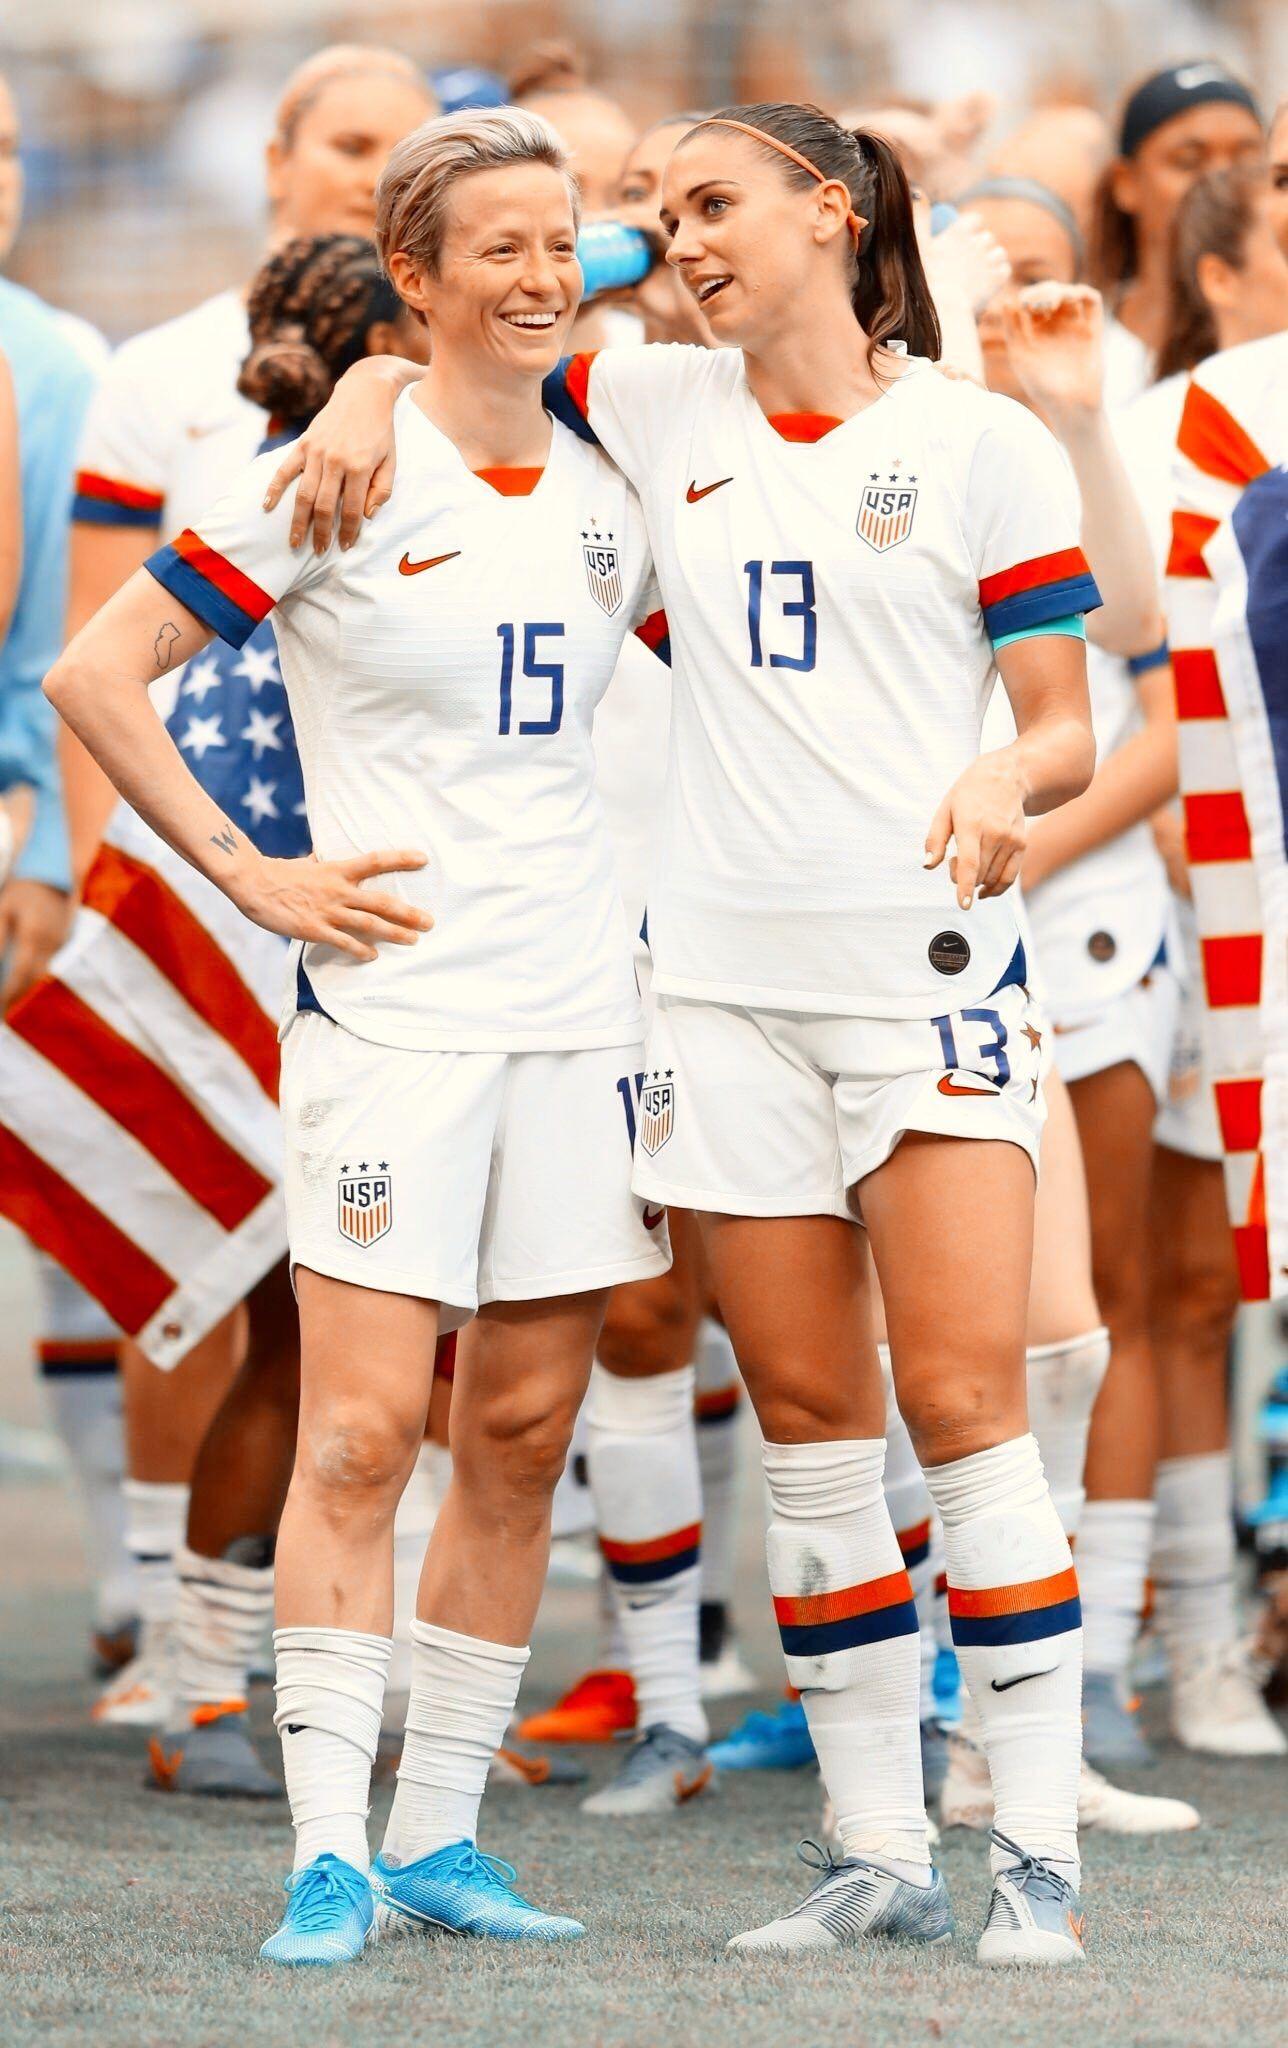 Us Girls Soccer Team